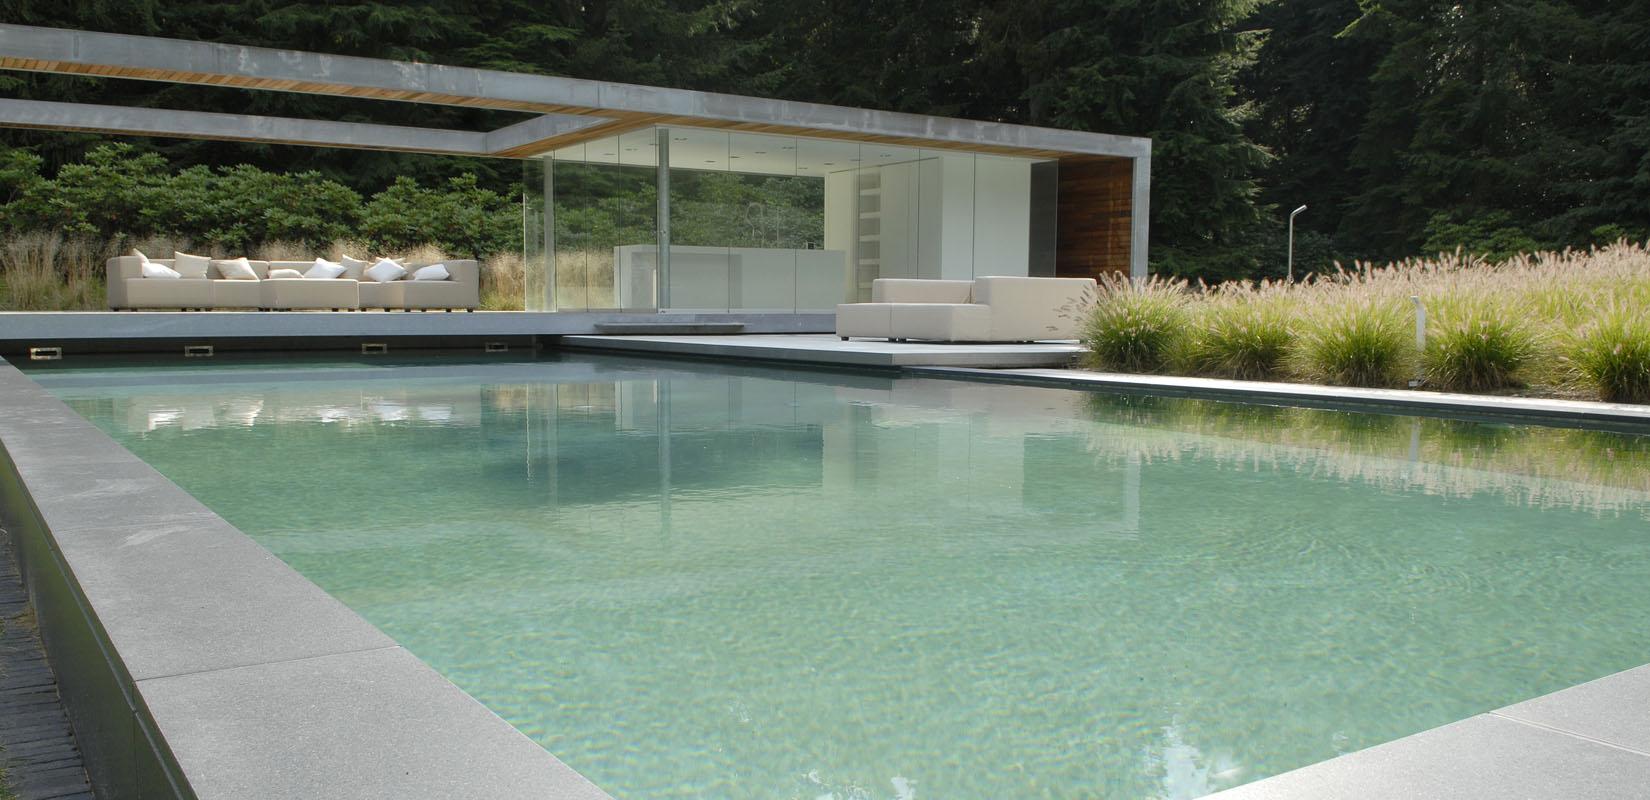 Villatuin in noord holland andrew van egmond - Omgeving zwembad ontwerp ...